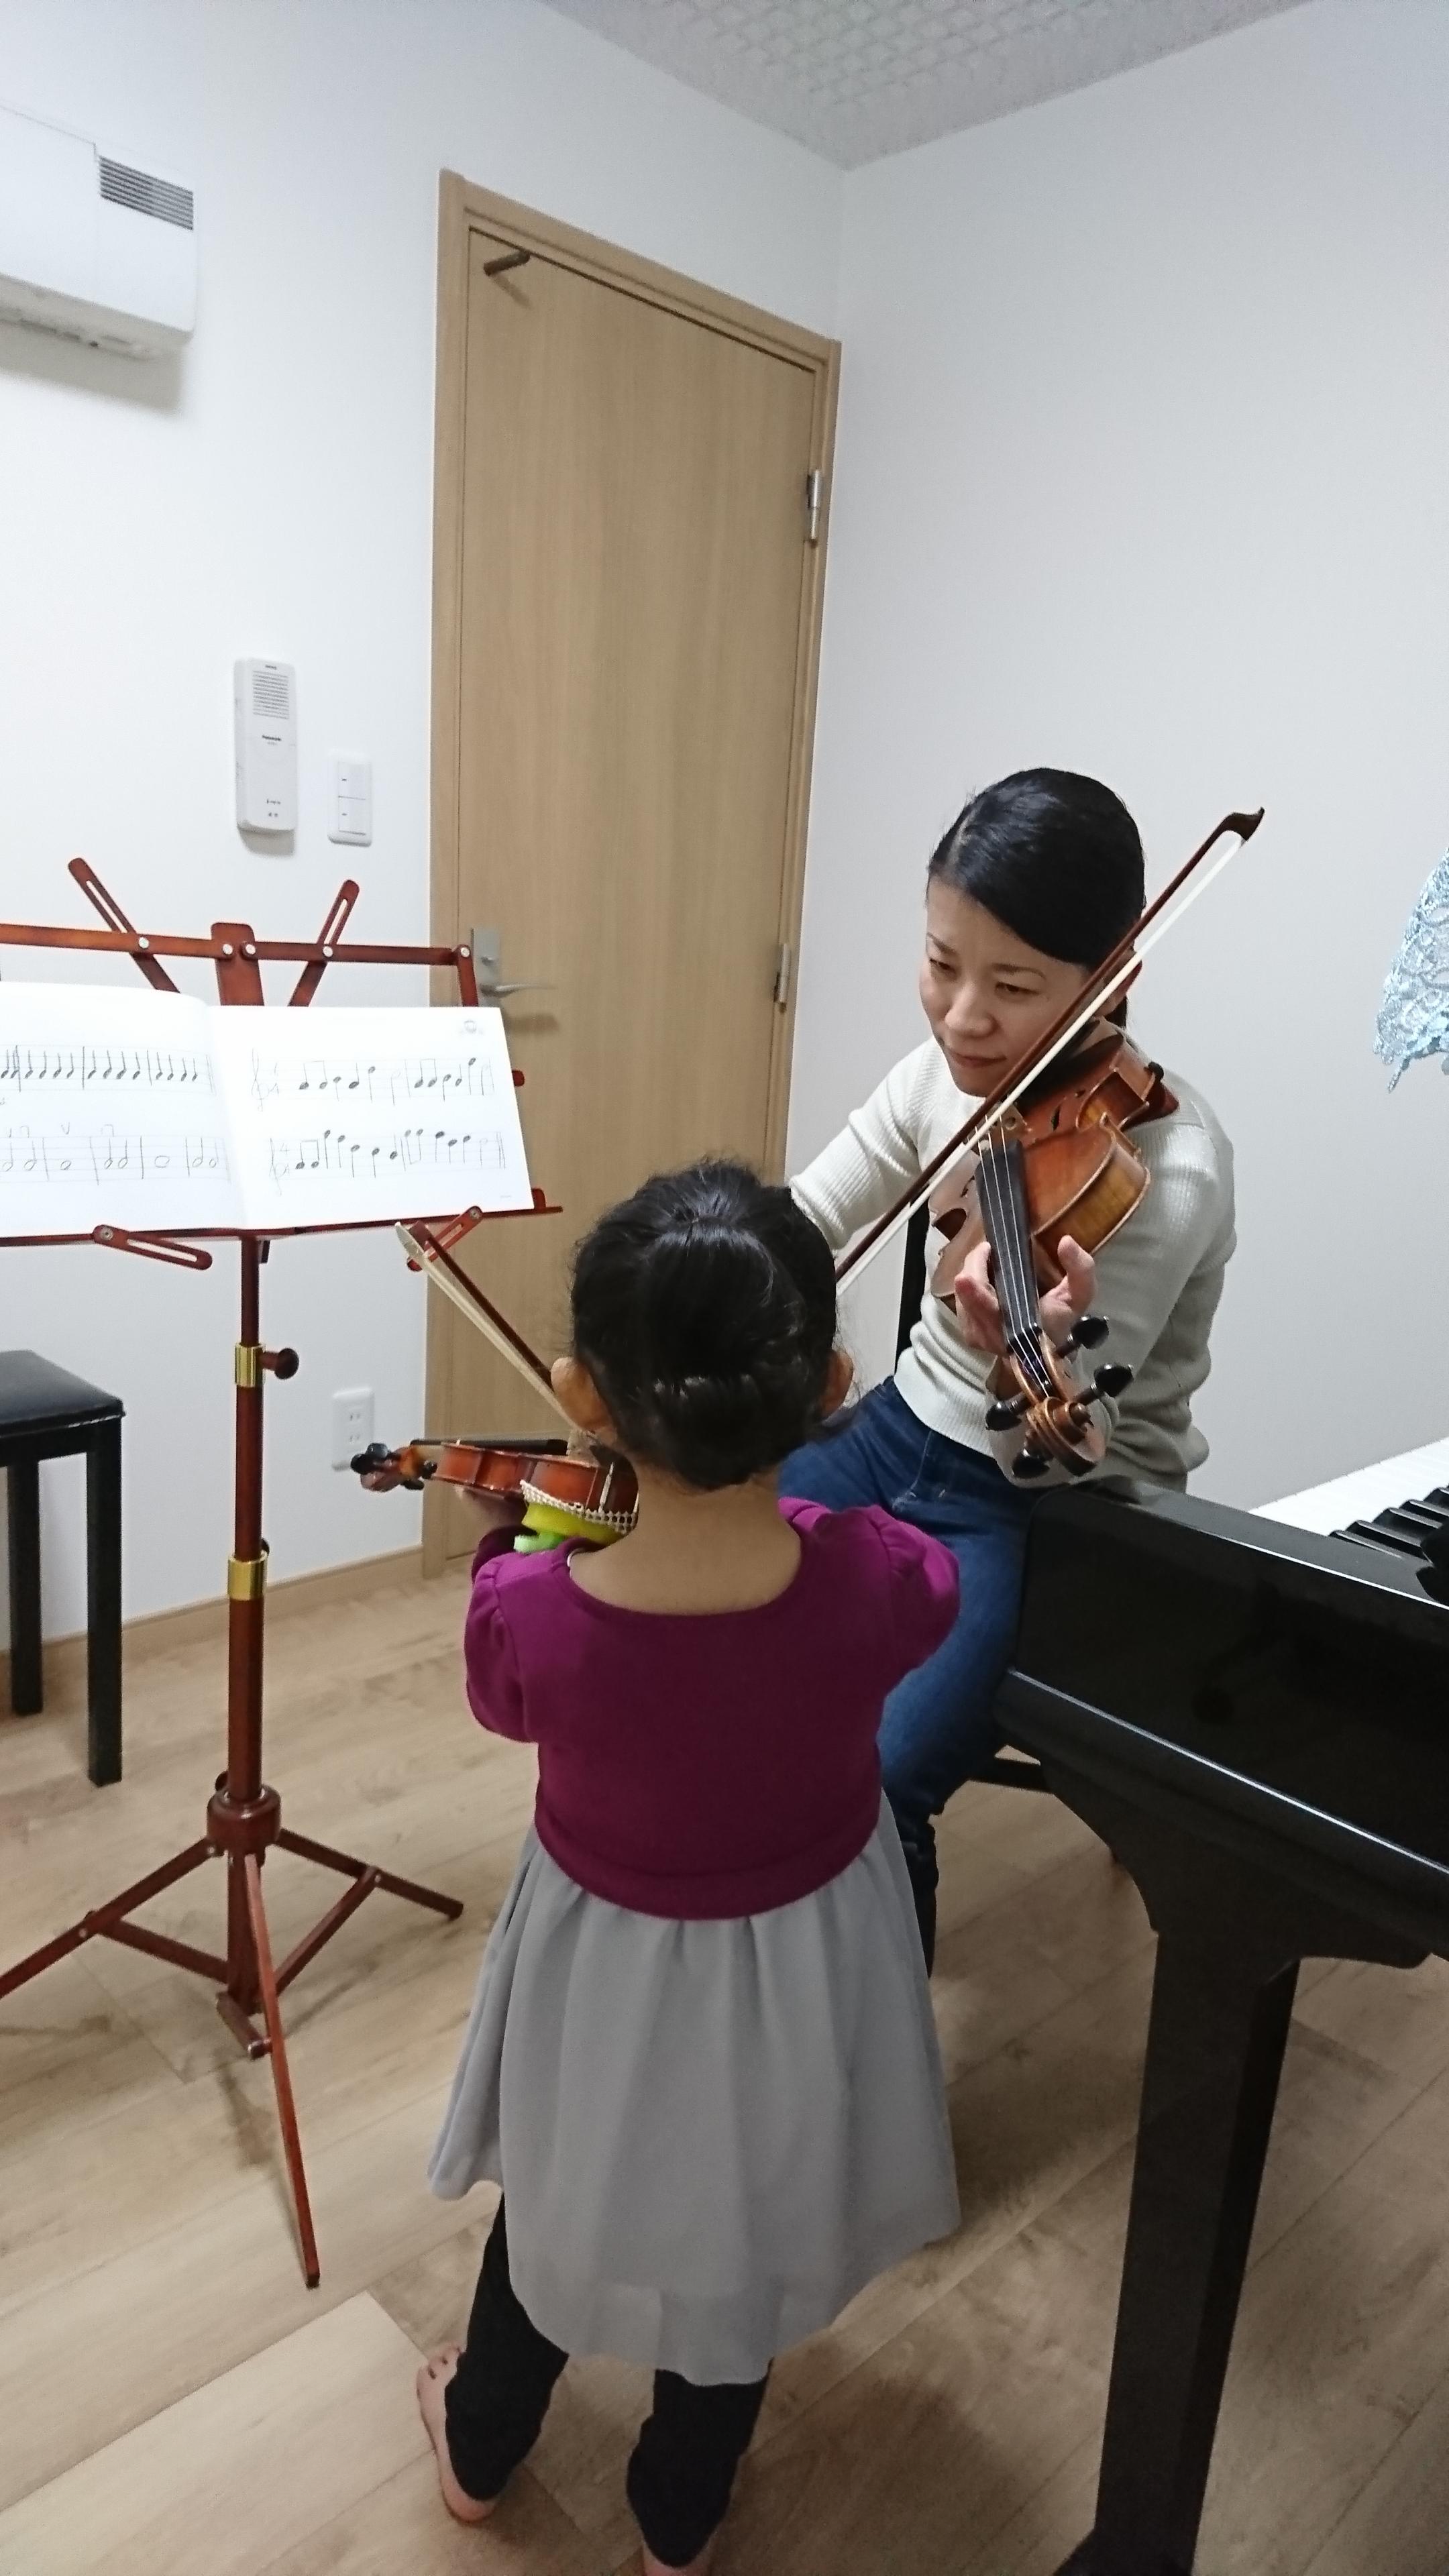 うえやまバイオリン教室 和歌山市内原、毛見、名草のバイオリン教室